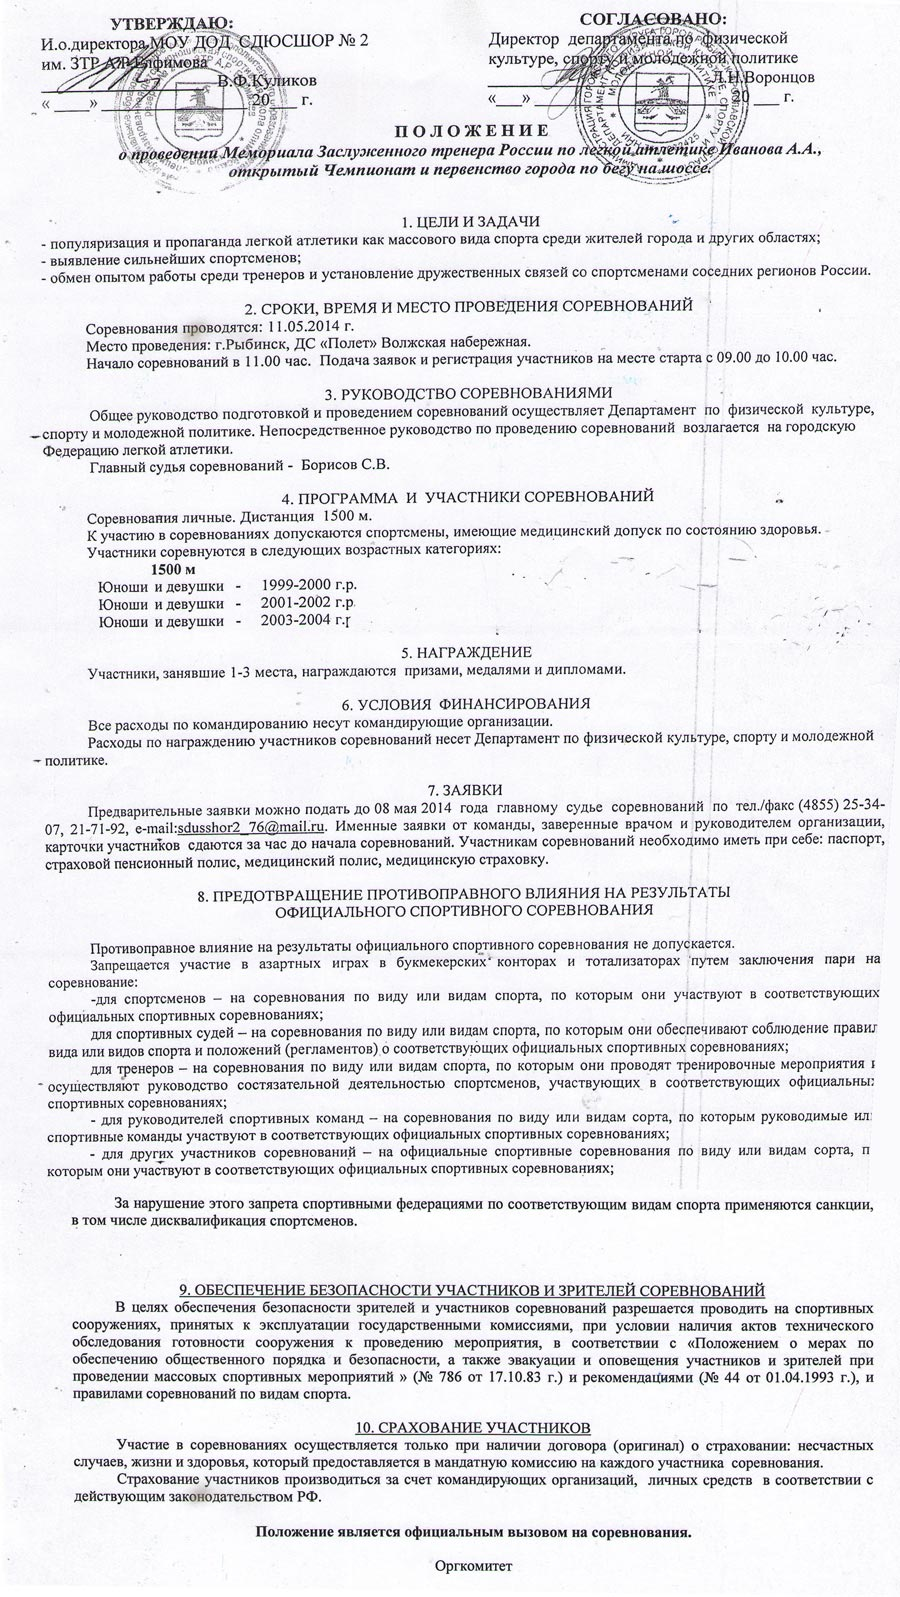 Положение о проведении Открытого Чемпионата г. Рыбинска по бегу на шоссе памяти Иванова А.А., 2014